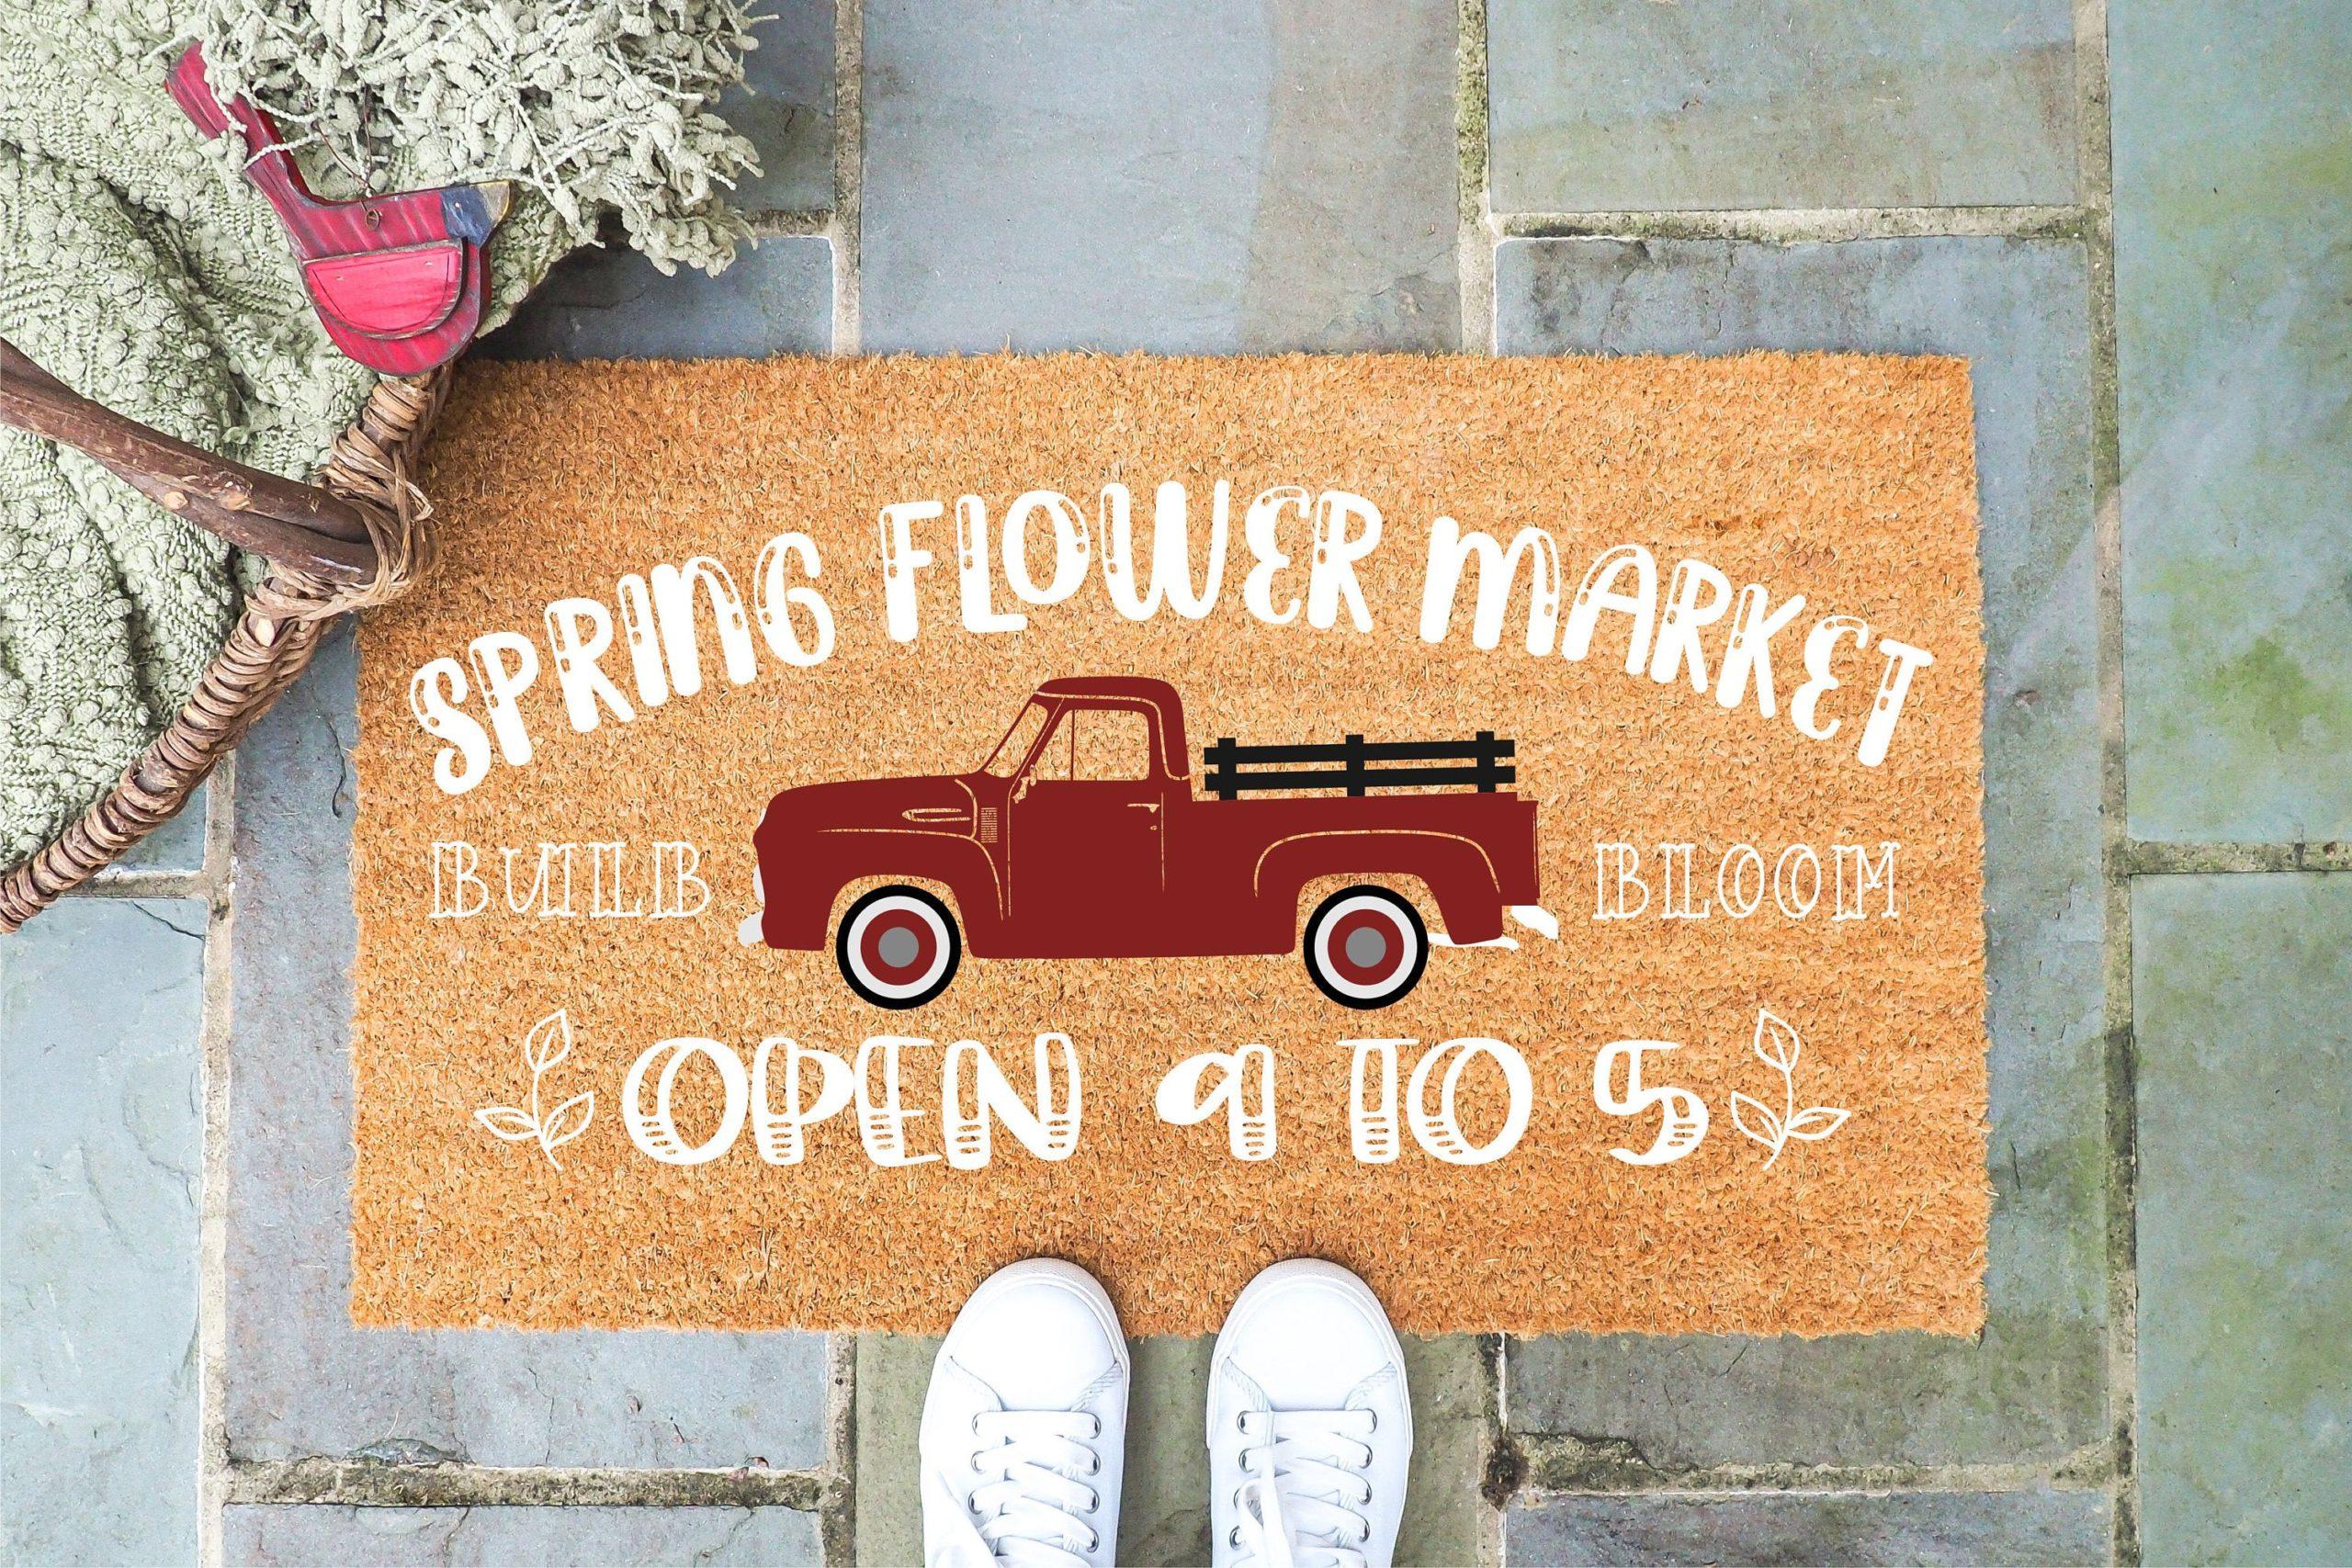 Spring-svg-spring-flower-market-svg-spring-truck-svg-vintage-truck-svg-truck-svg-spring-svg-design-spring-cut-file-spring-cricut-60513b26